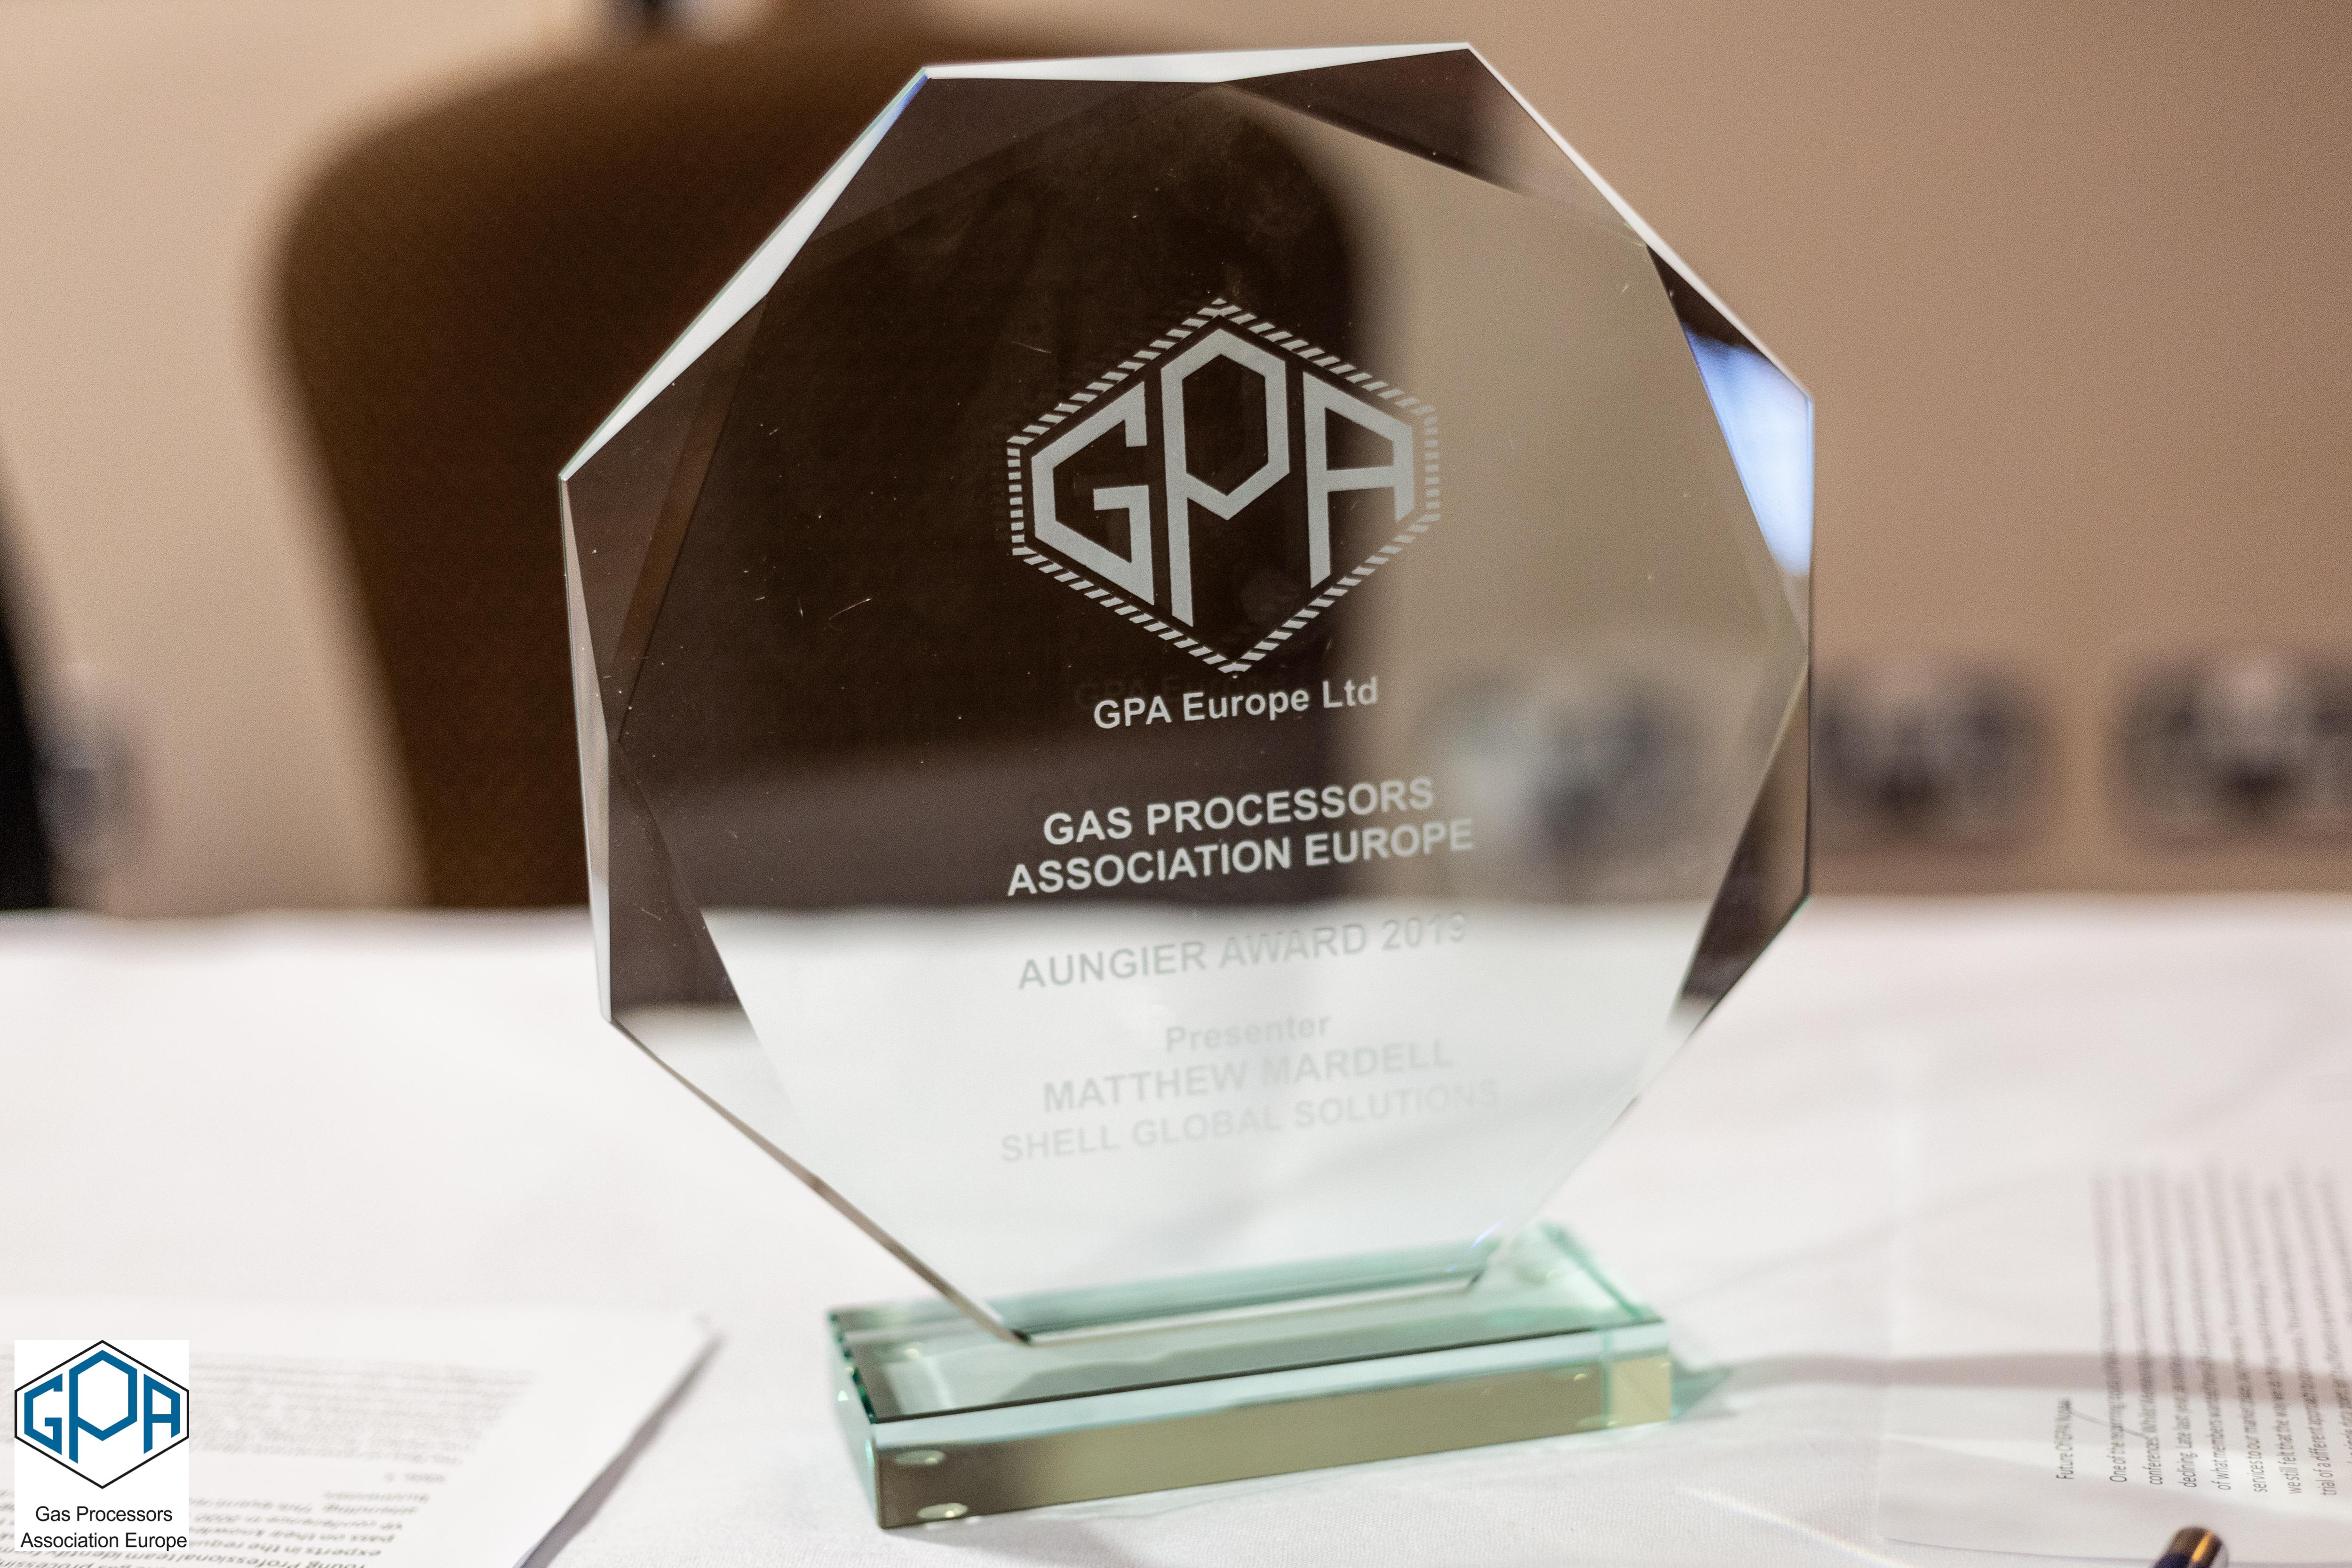 Aungier Award